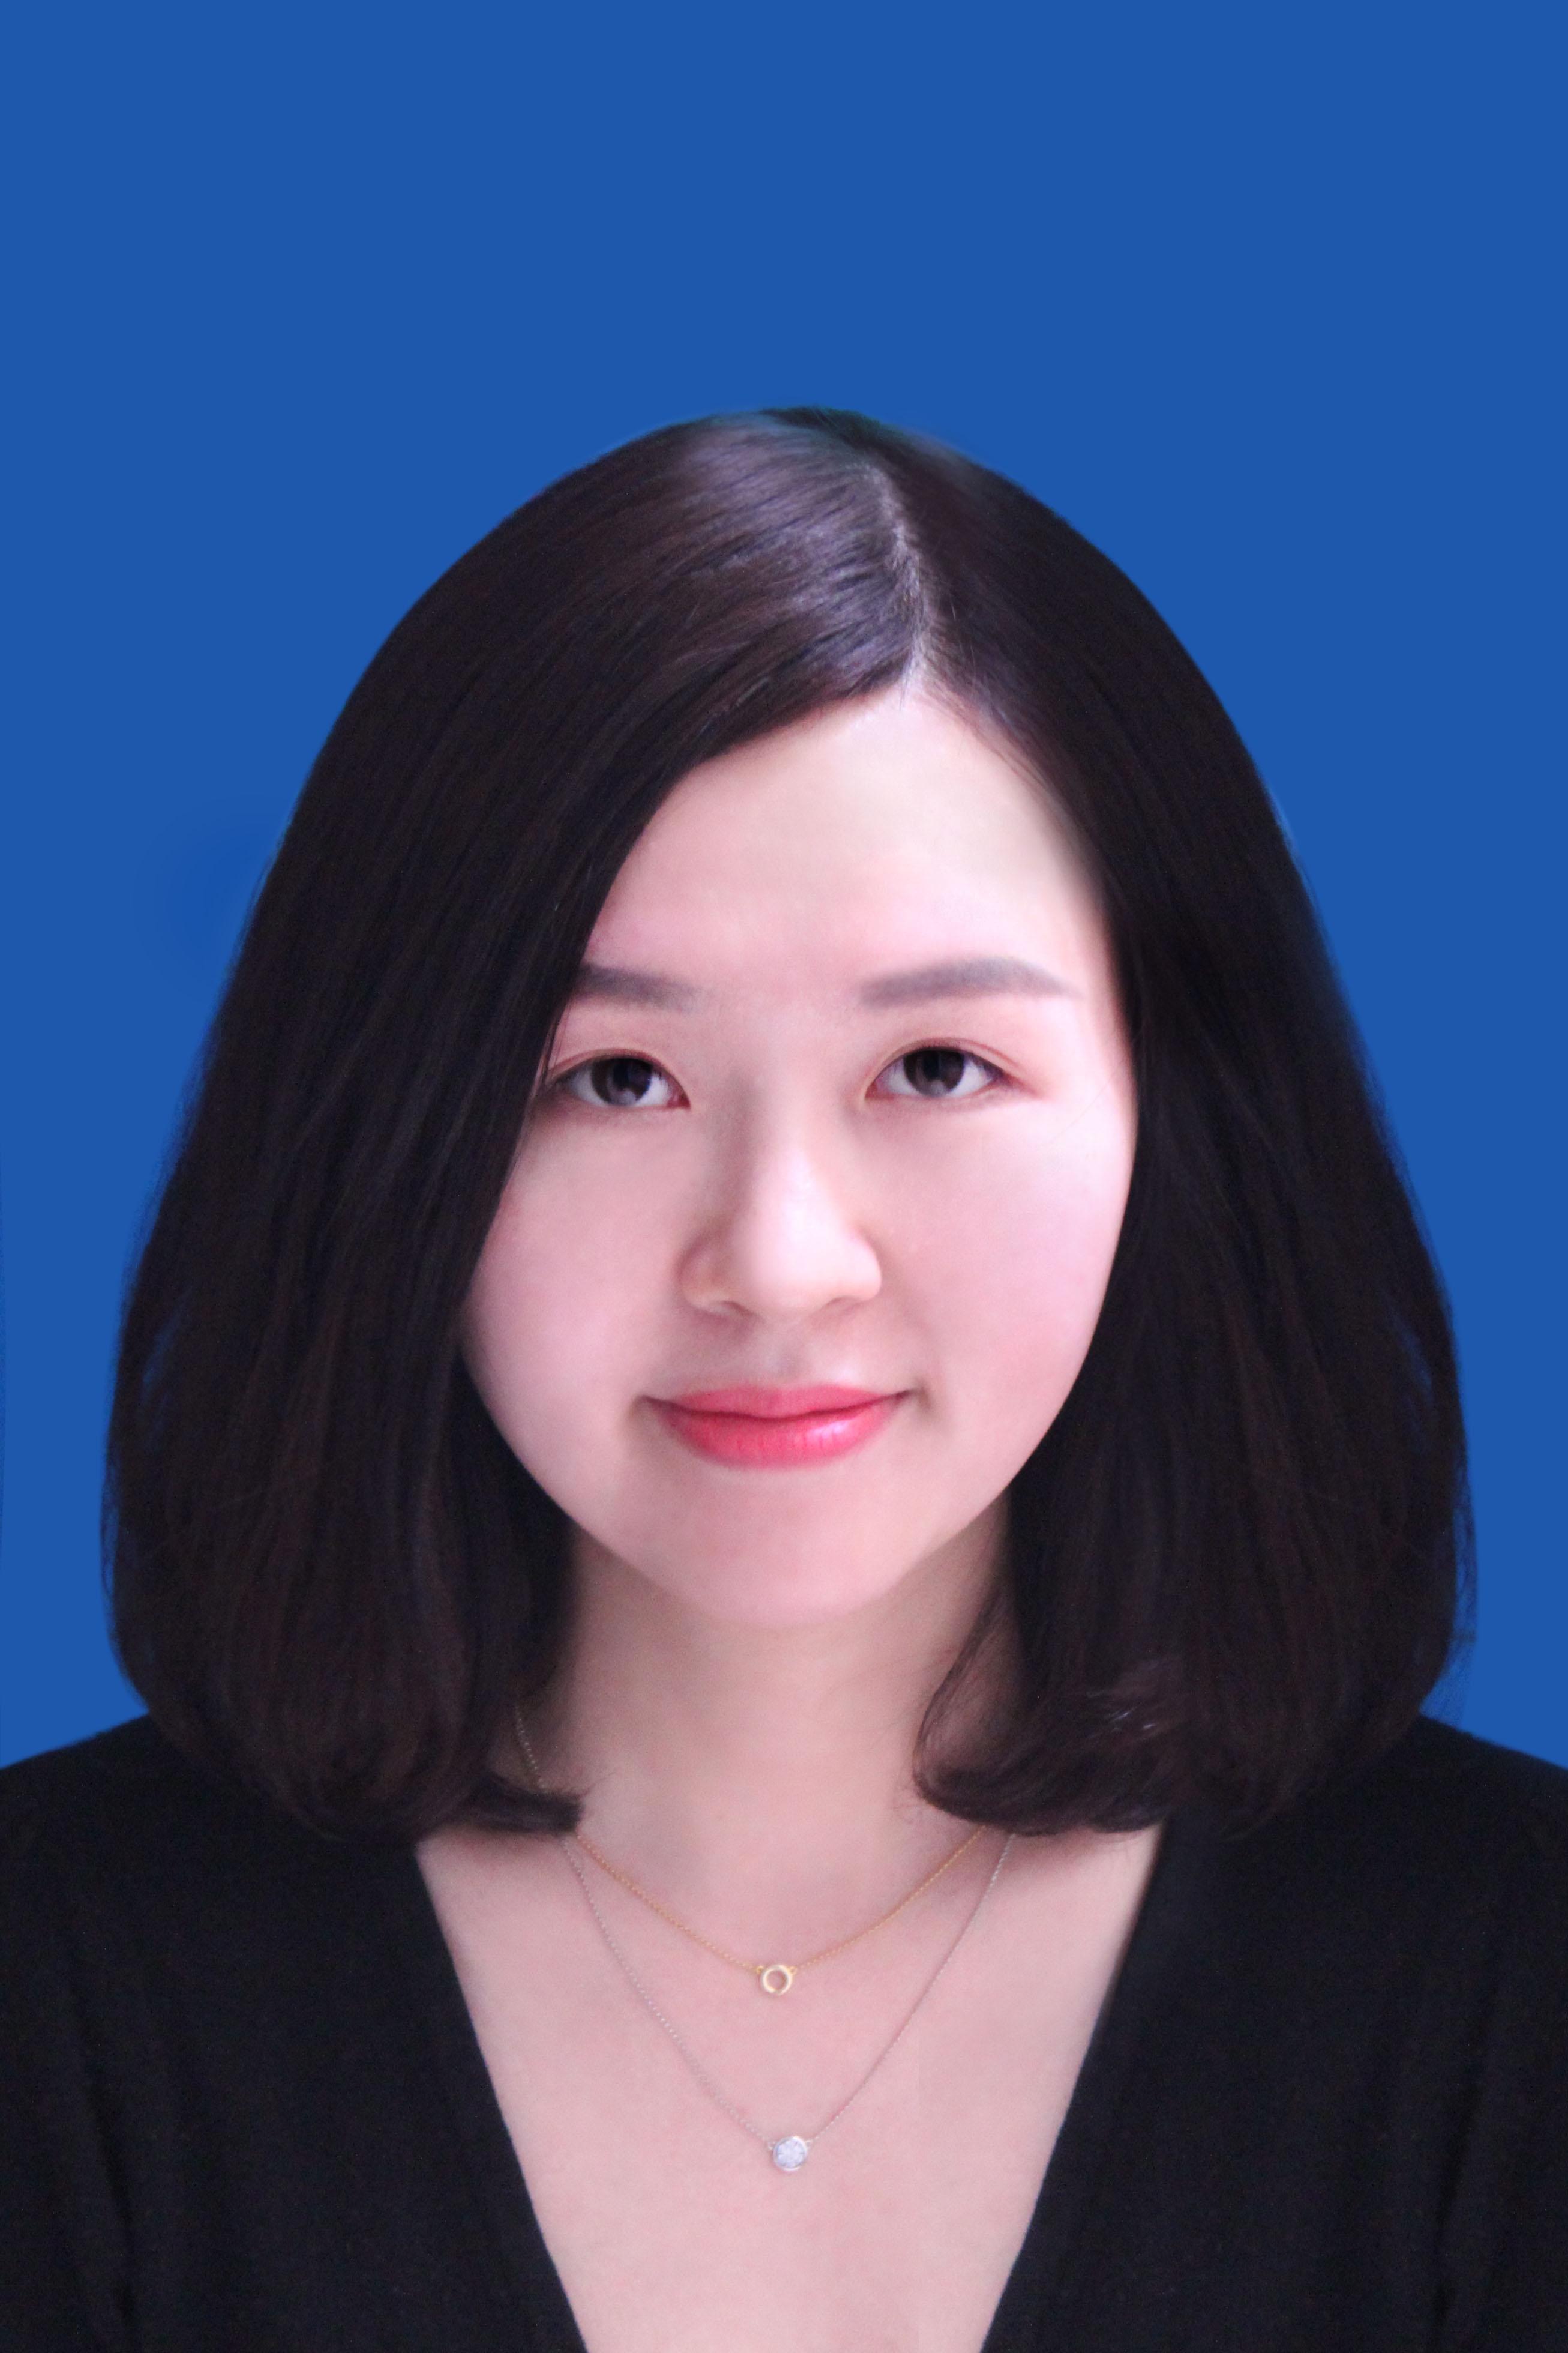 Nguyễn Bích Huệ